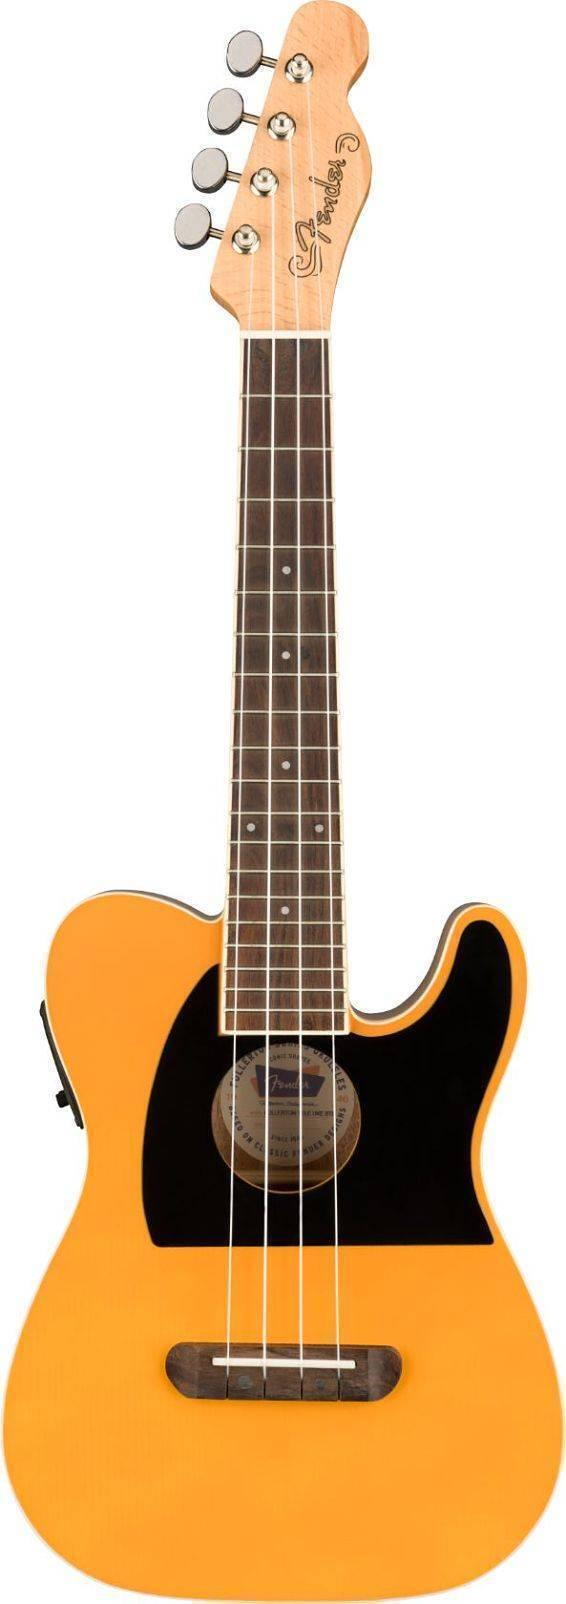 Ukulele Fender Telecaster Fullerton